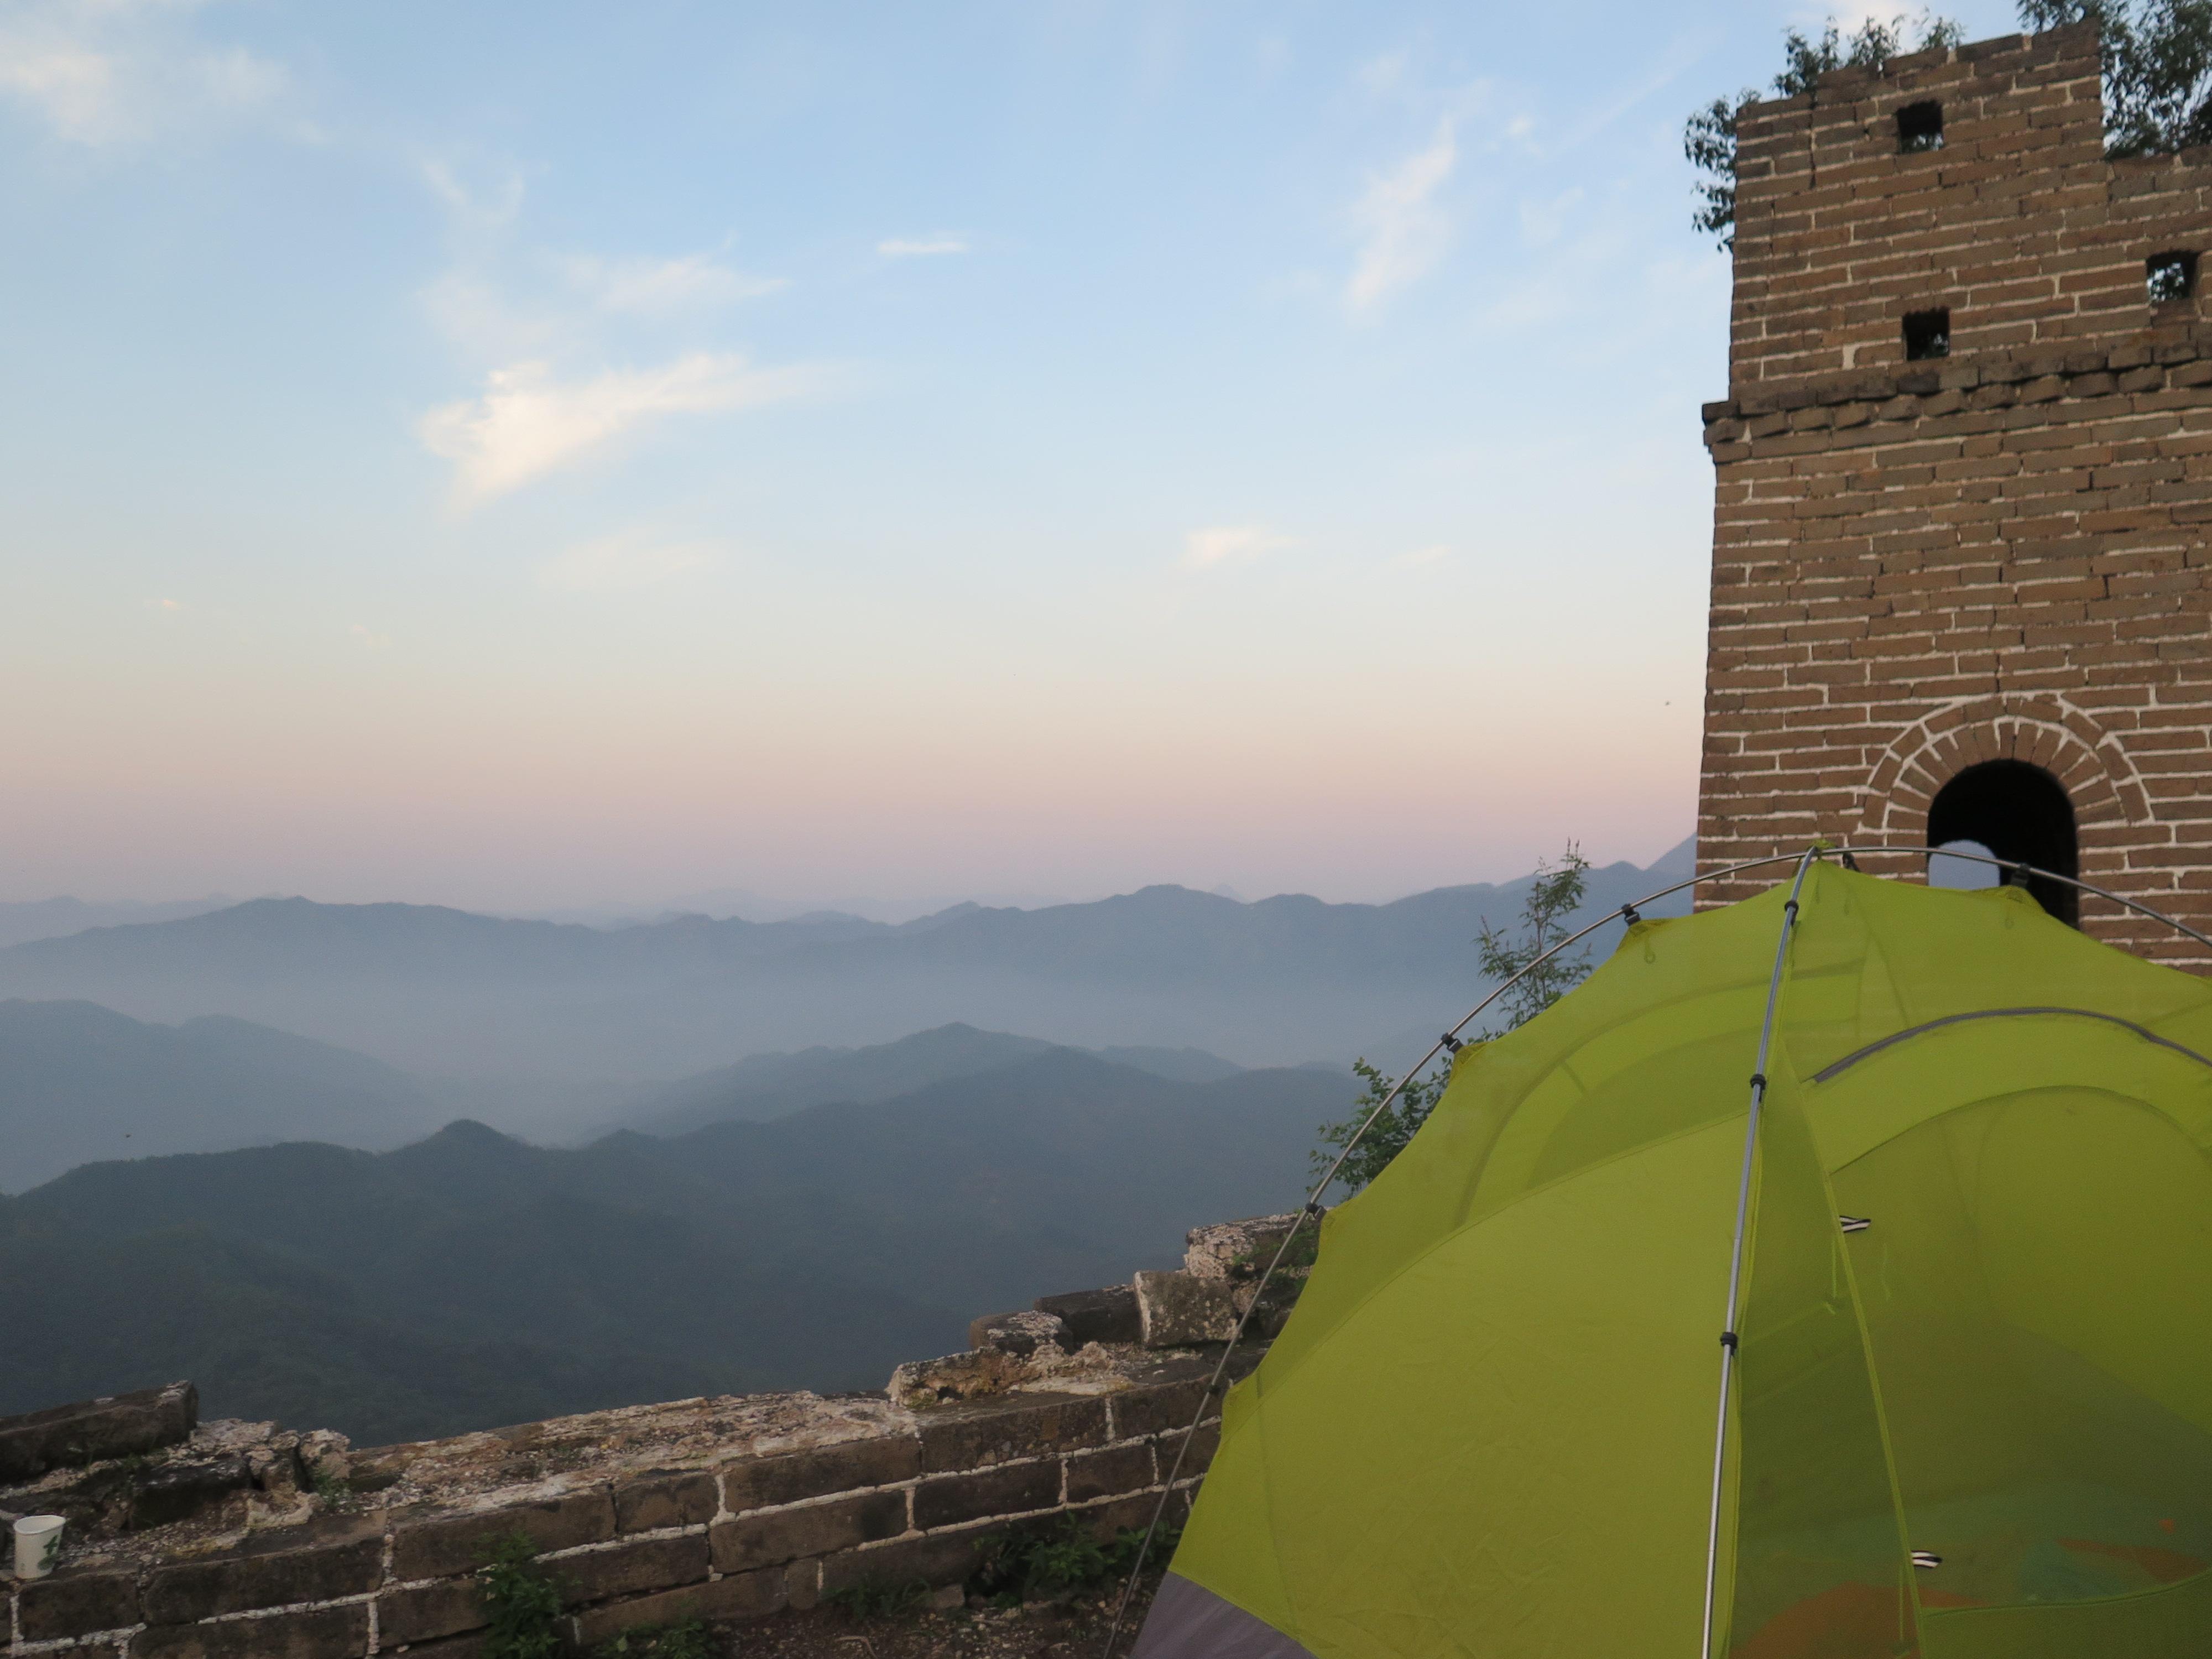 Voyage sur-mesure, Randonnée à la Grande Muraille de Chine avec nuit en tente sur la Muraille ou dans une ferme